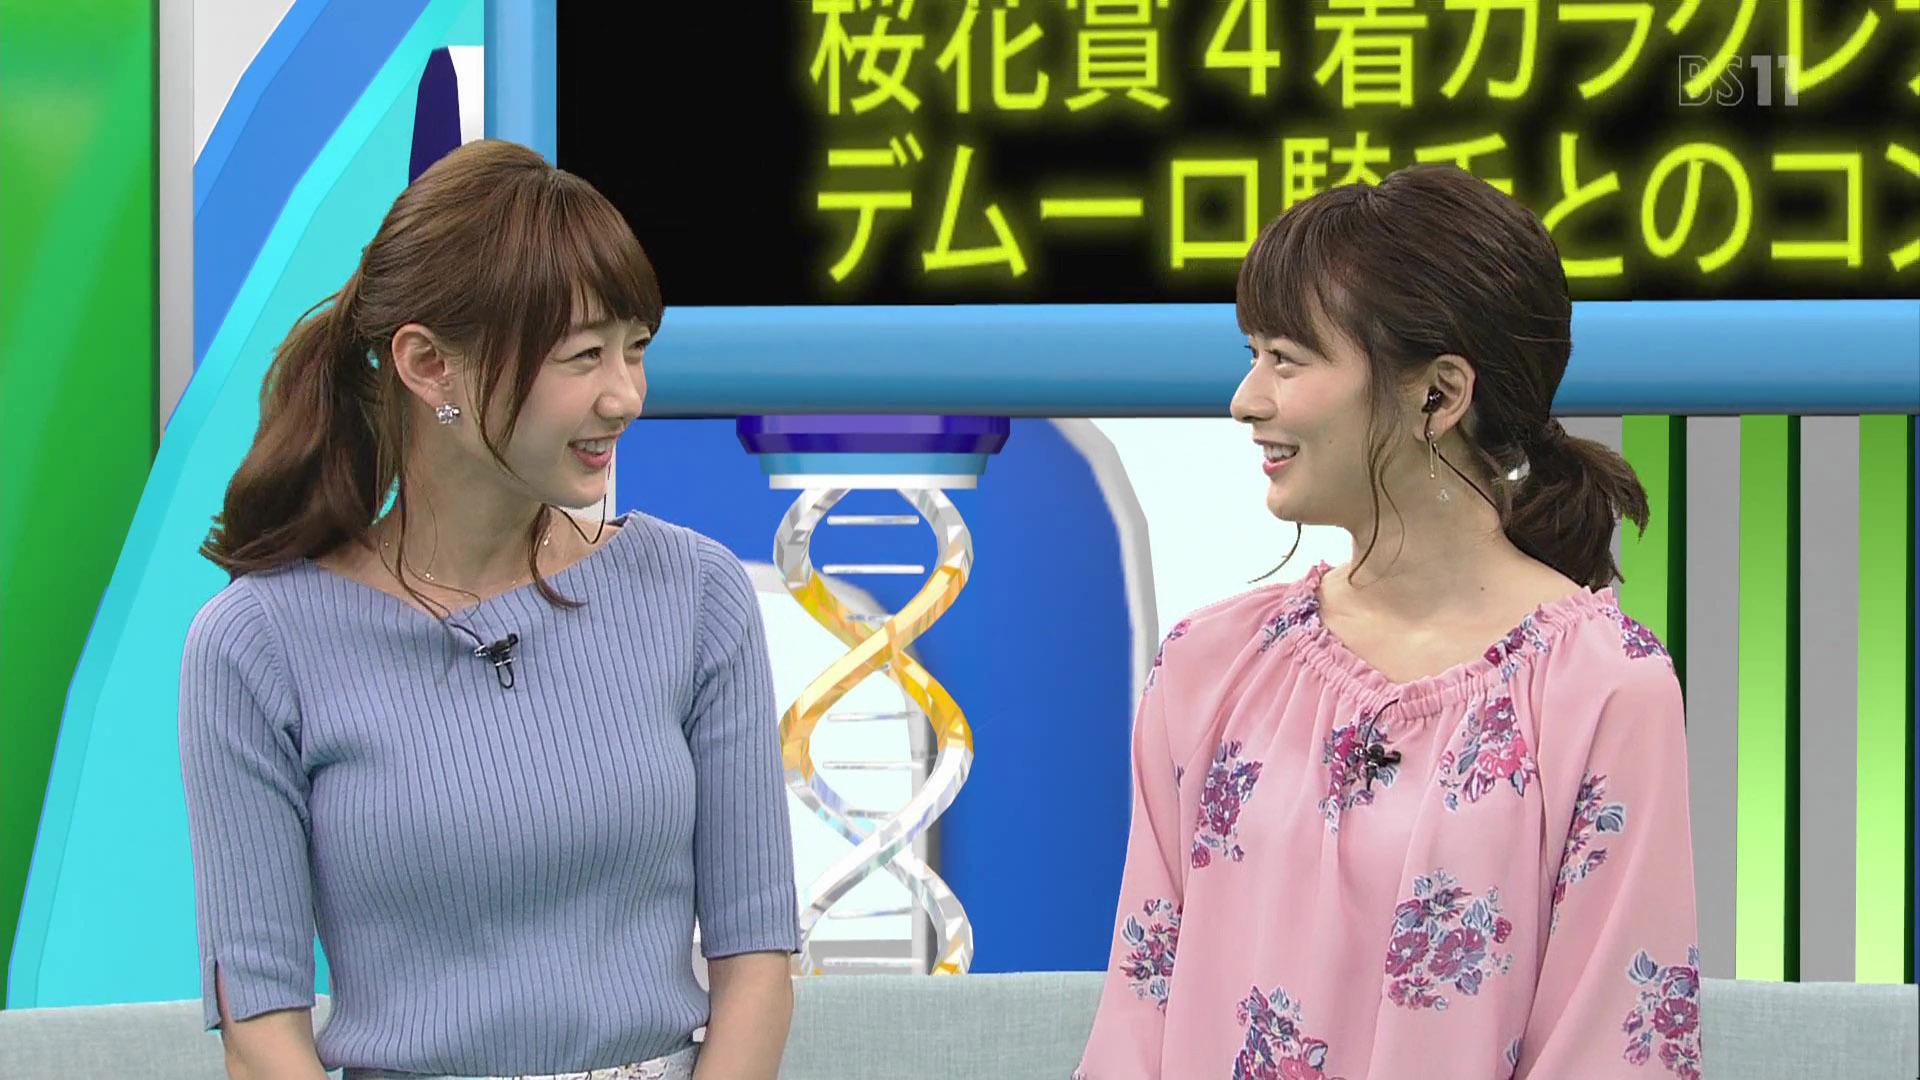 高見侑里アナと高田秋 ニット乳! BSイレブン競馬中継